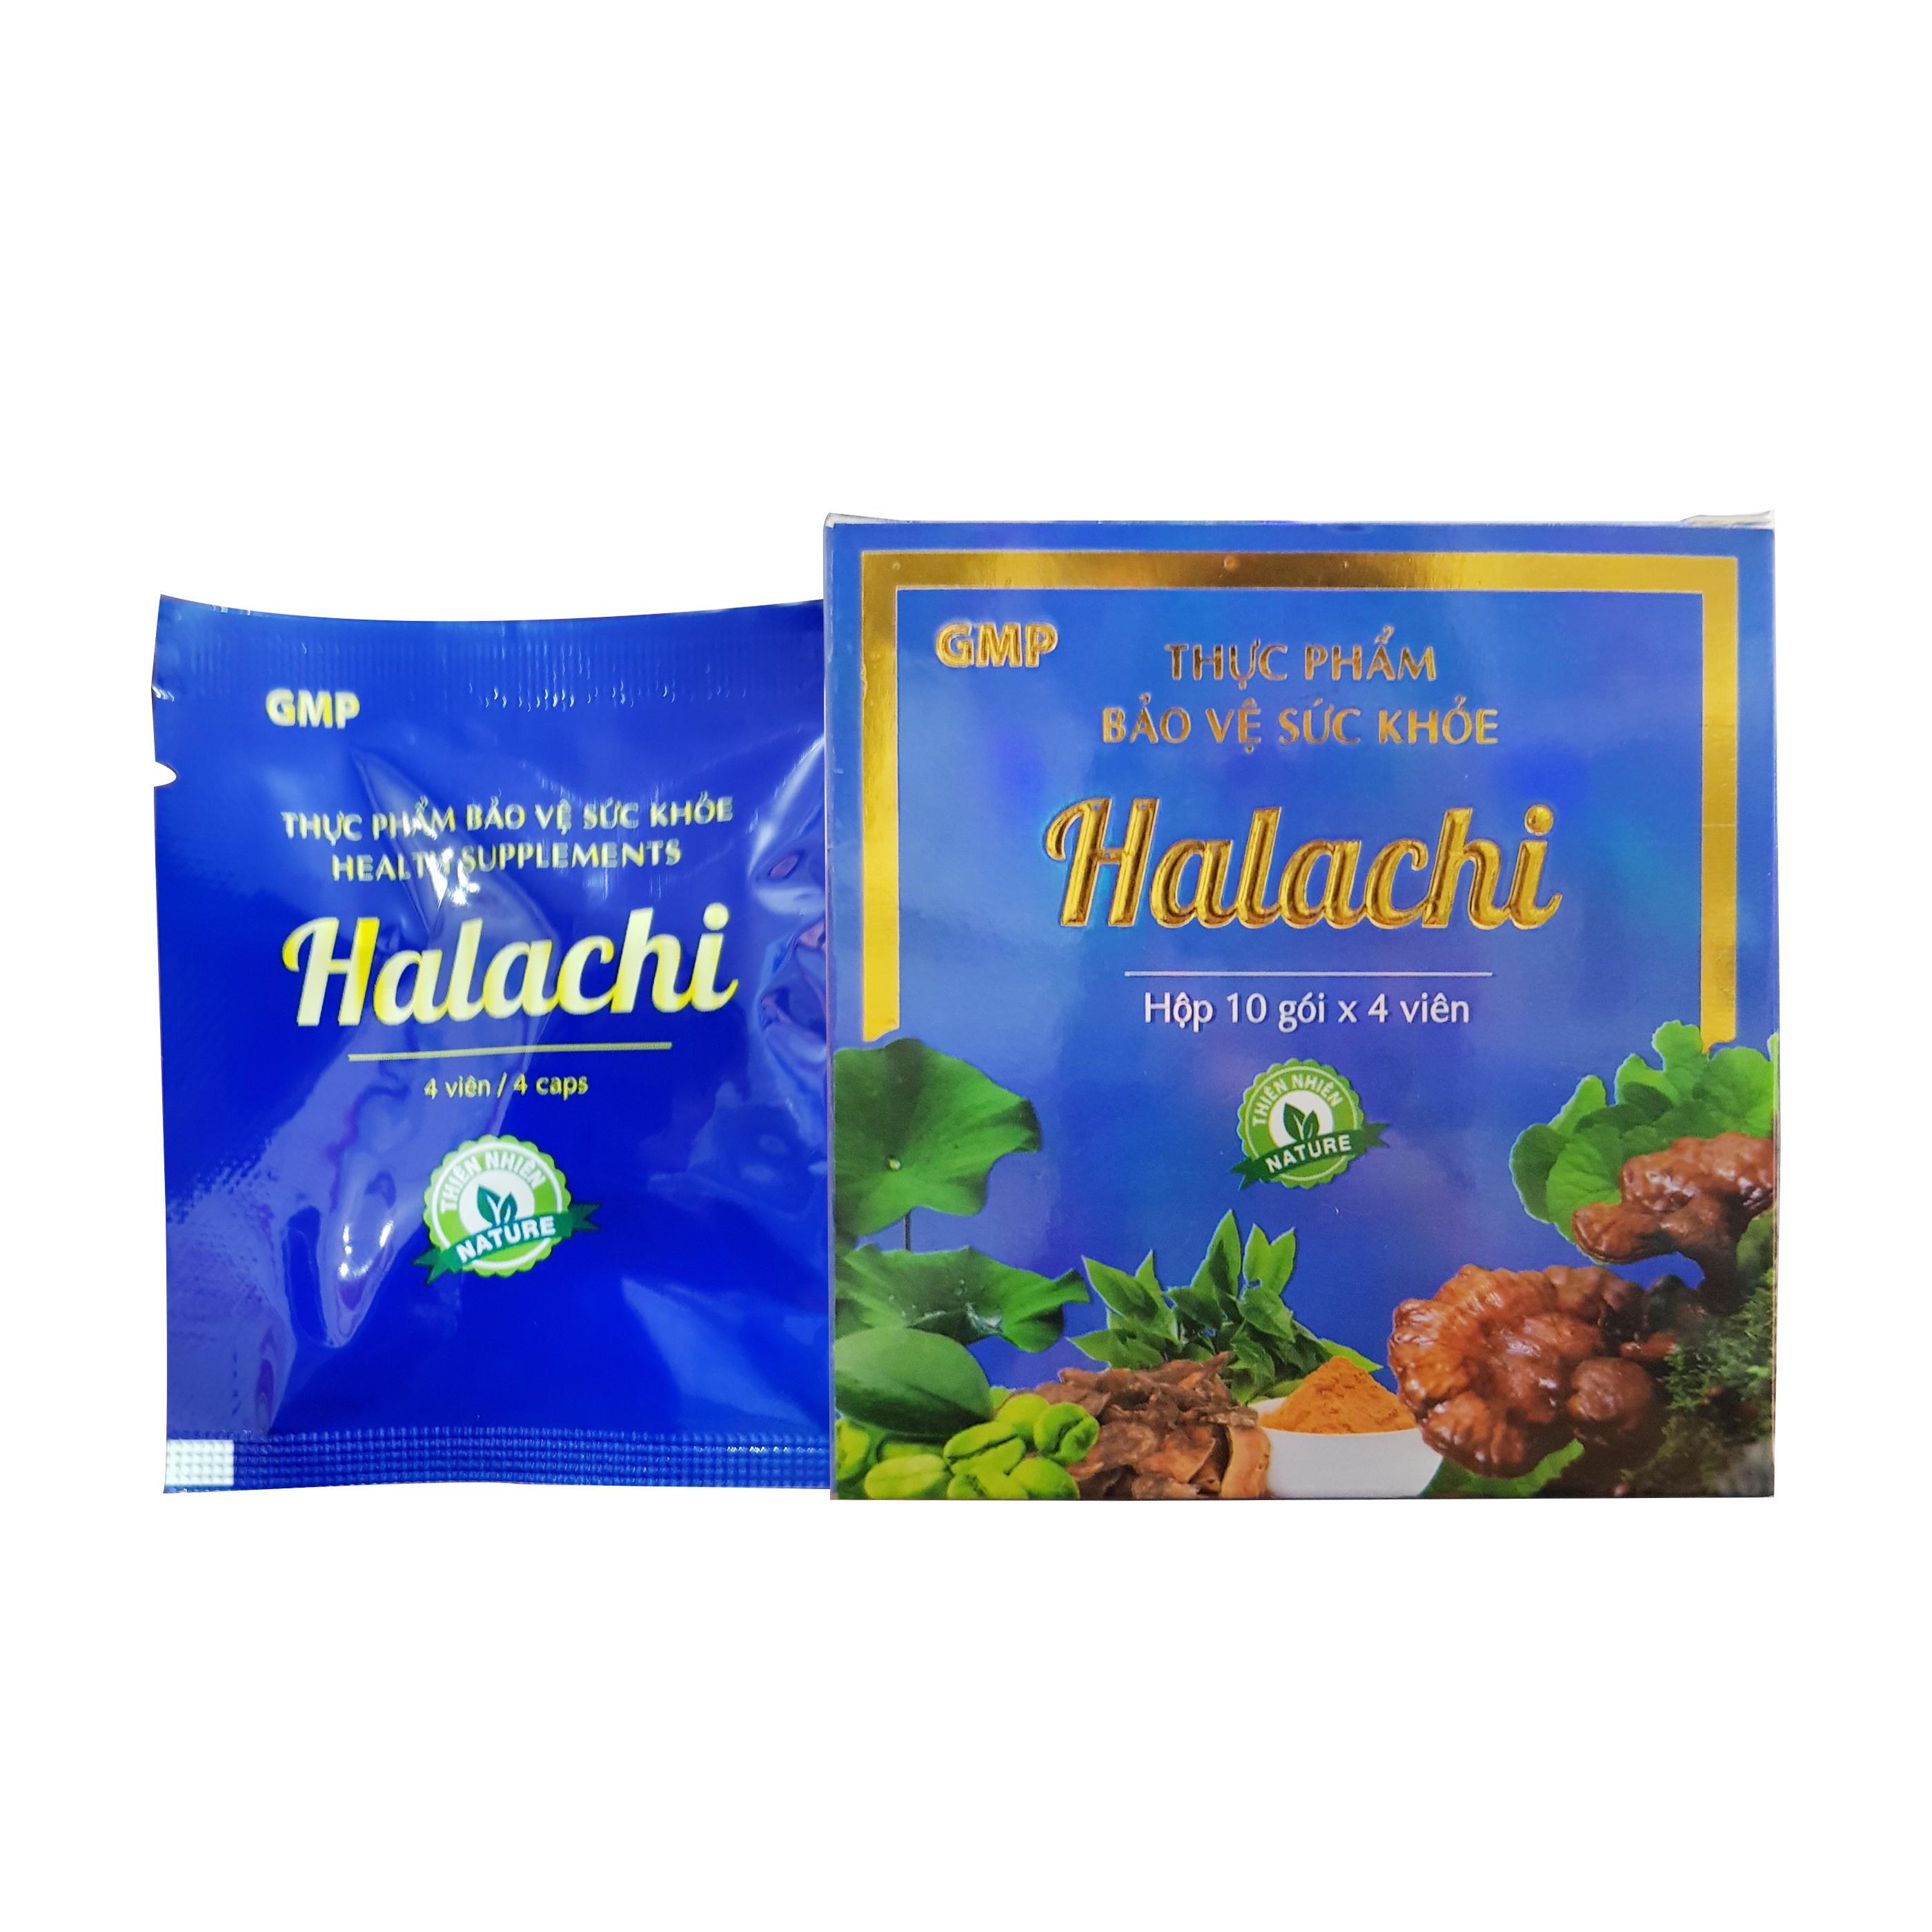 Viên uống giảm cân Halachi, Mộc Hoa Tràm, Hộp 10 gói x 4 viên